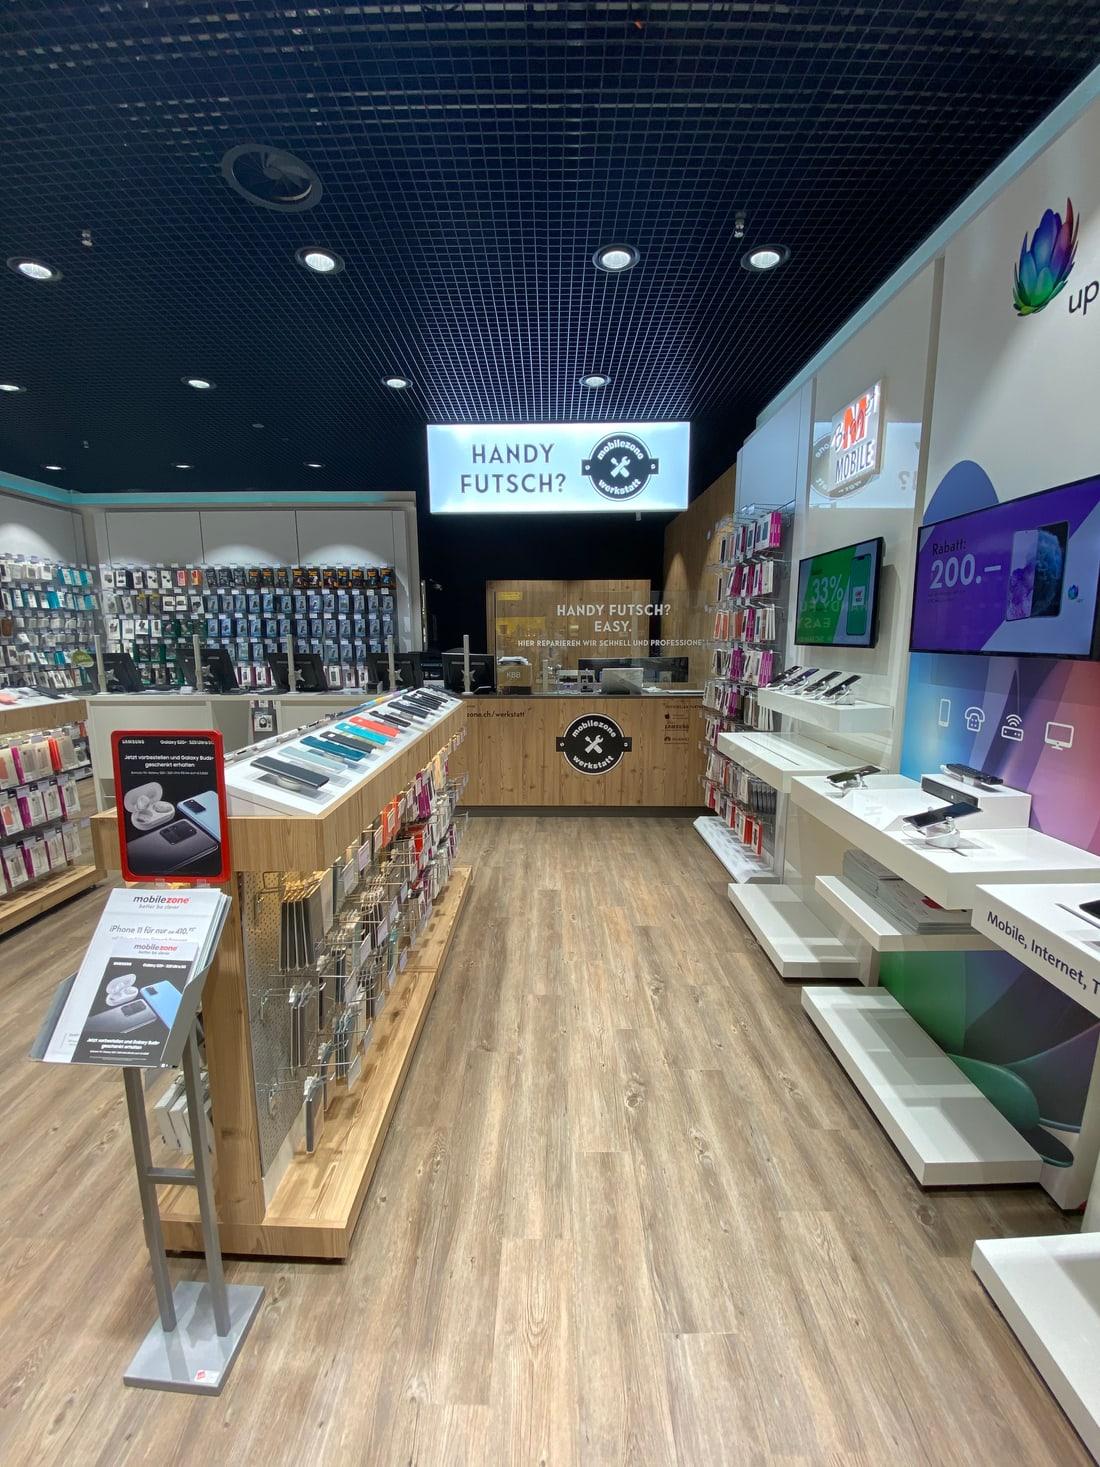 mobilezone Shop St. Jakob